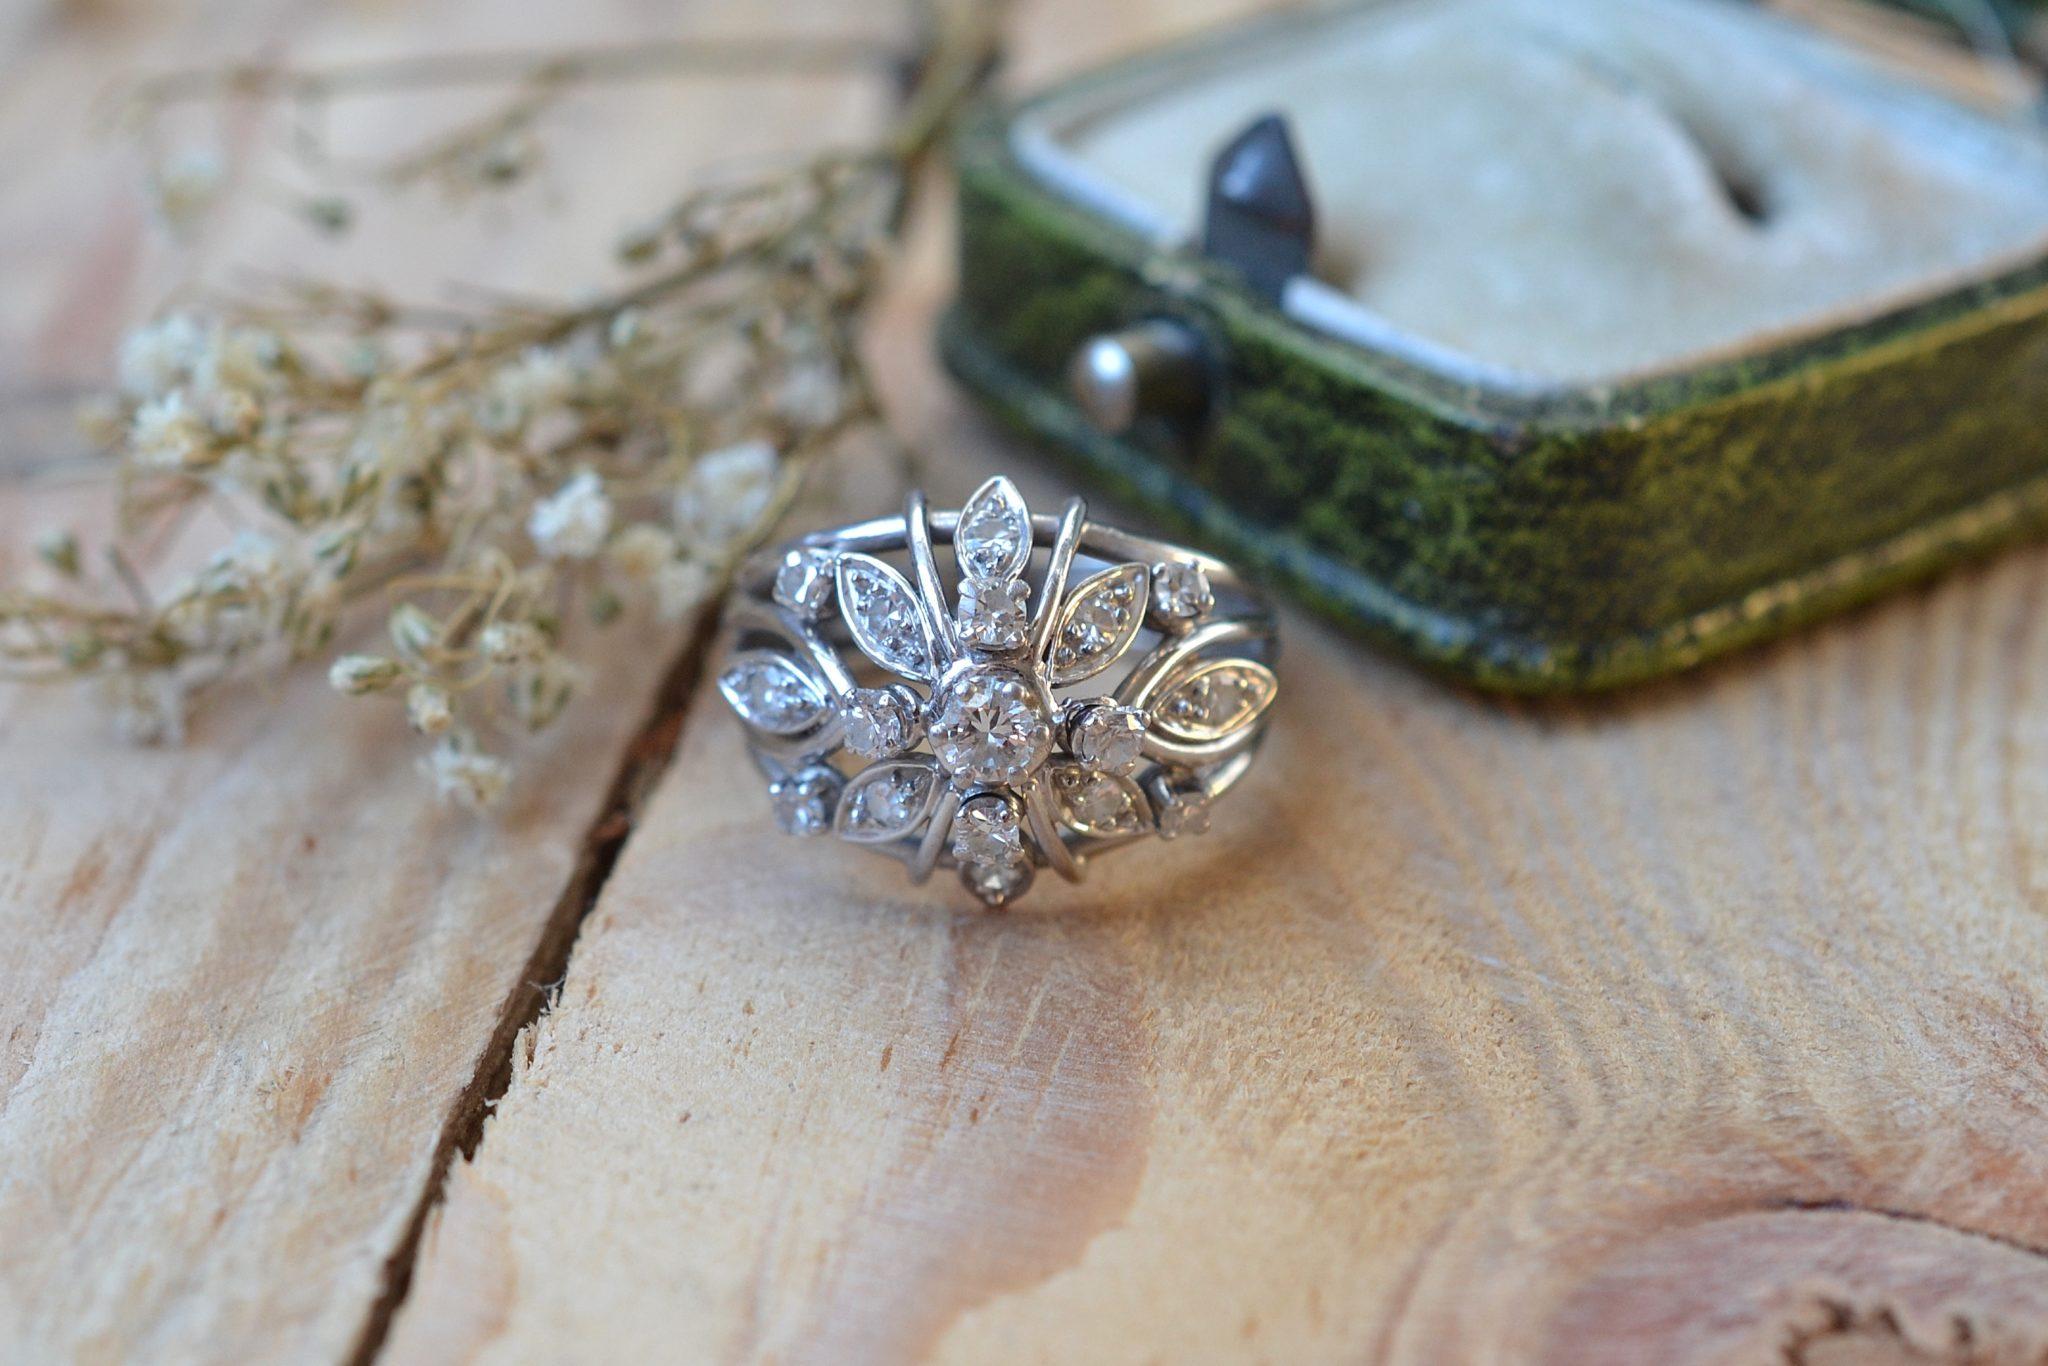 Bague Ajourée Et Bombée Aux Formes Florales, En Or Blanc Et Platine, Sertie De 17 Diamants - Bague De Seconde Main